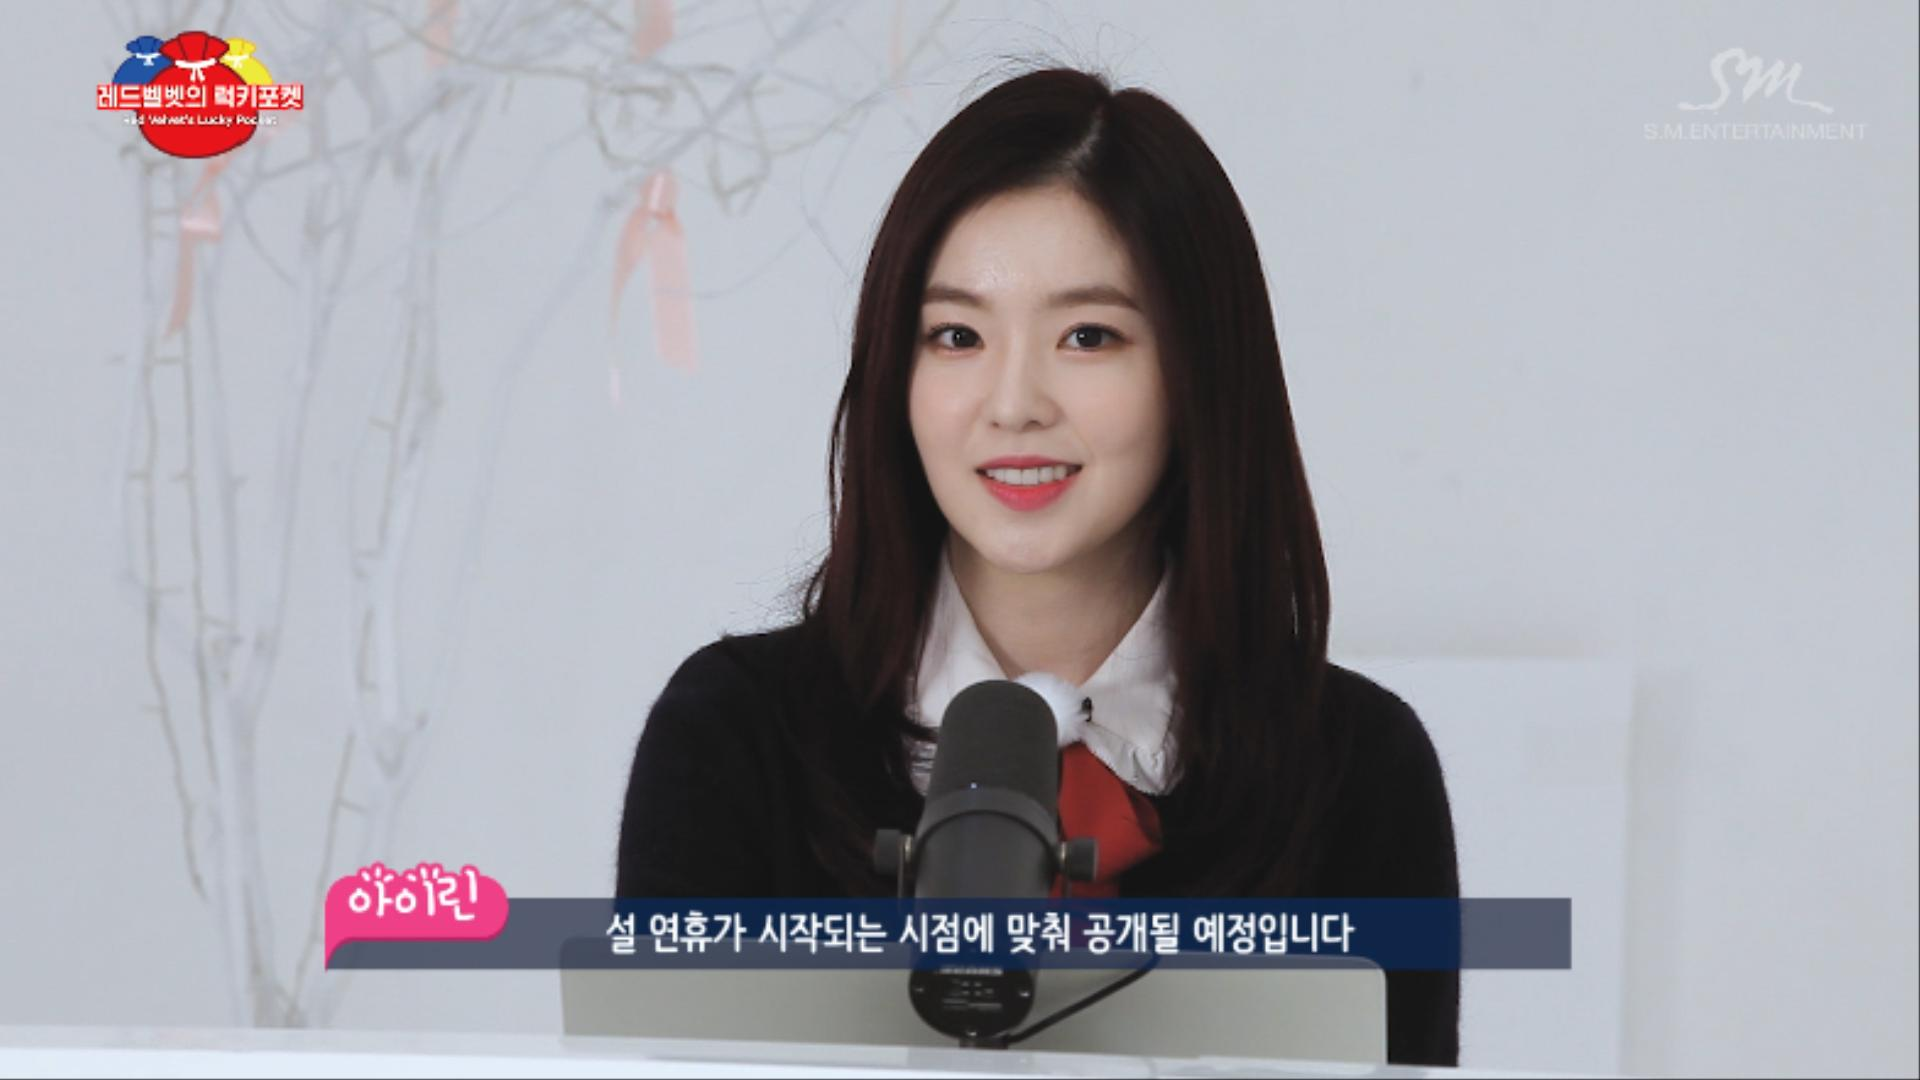 레드벨벳의 럭키포켓(Red Velvet's Lucky Pocket) 티저